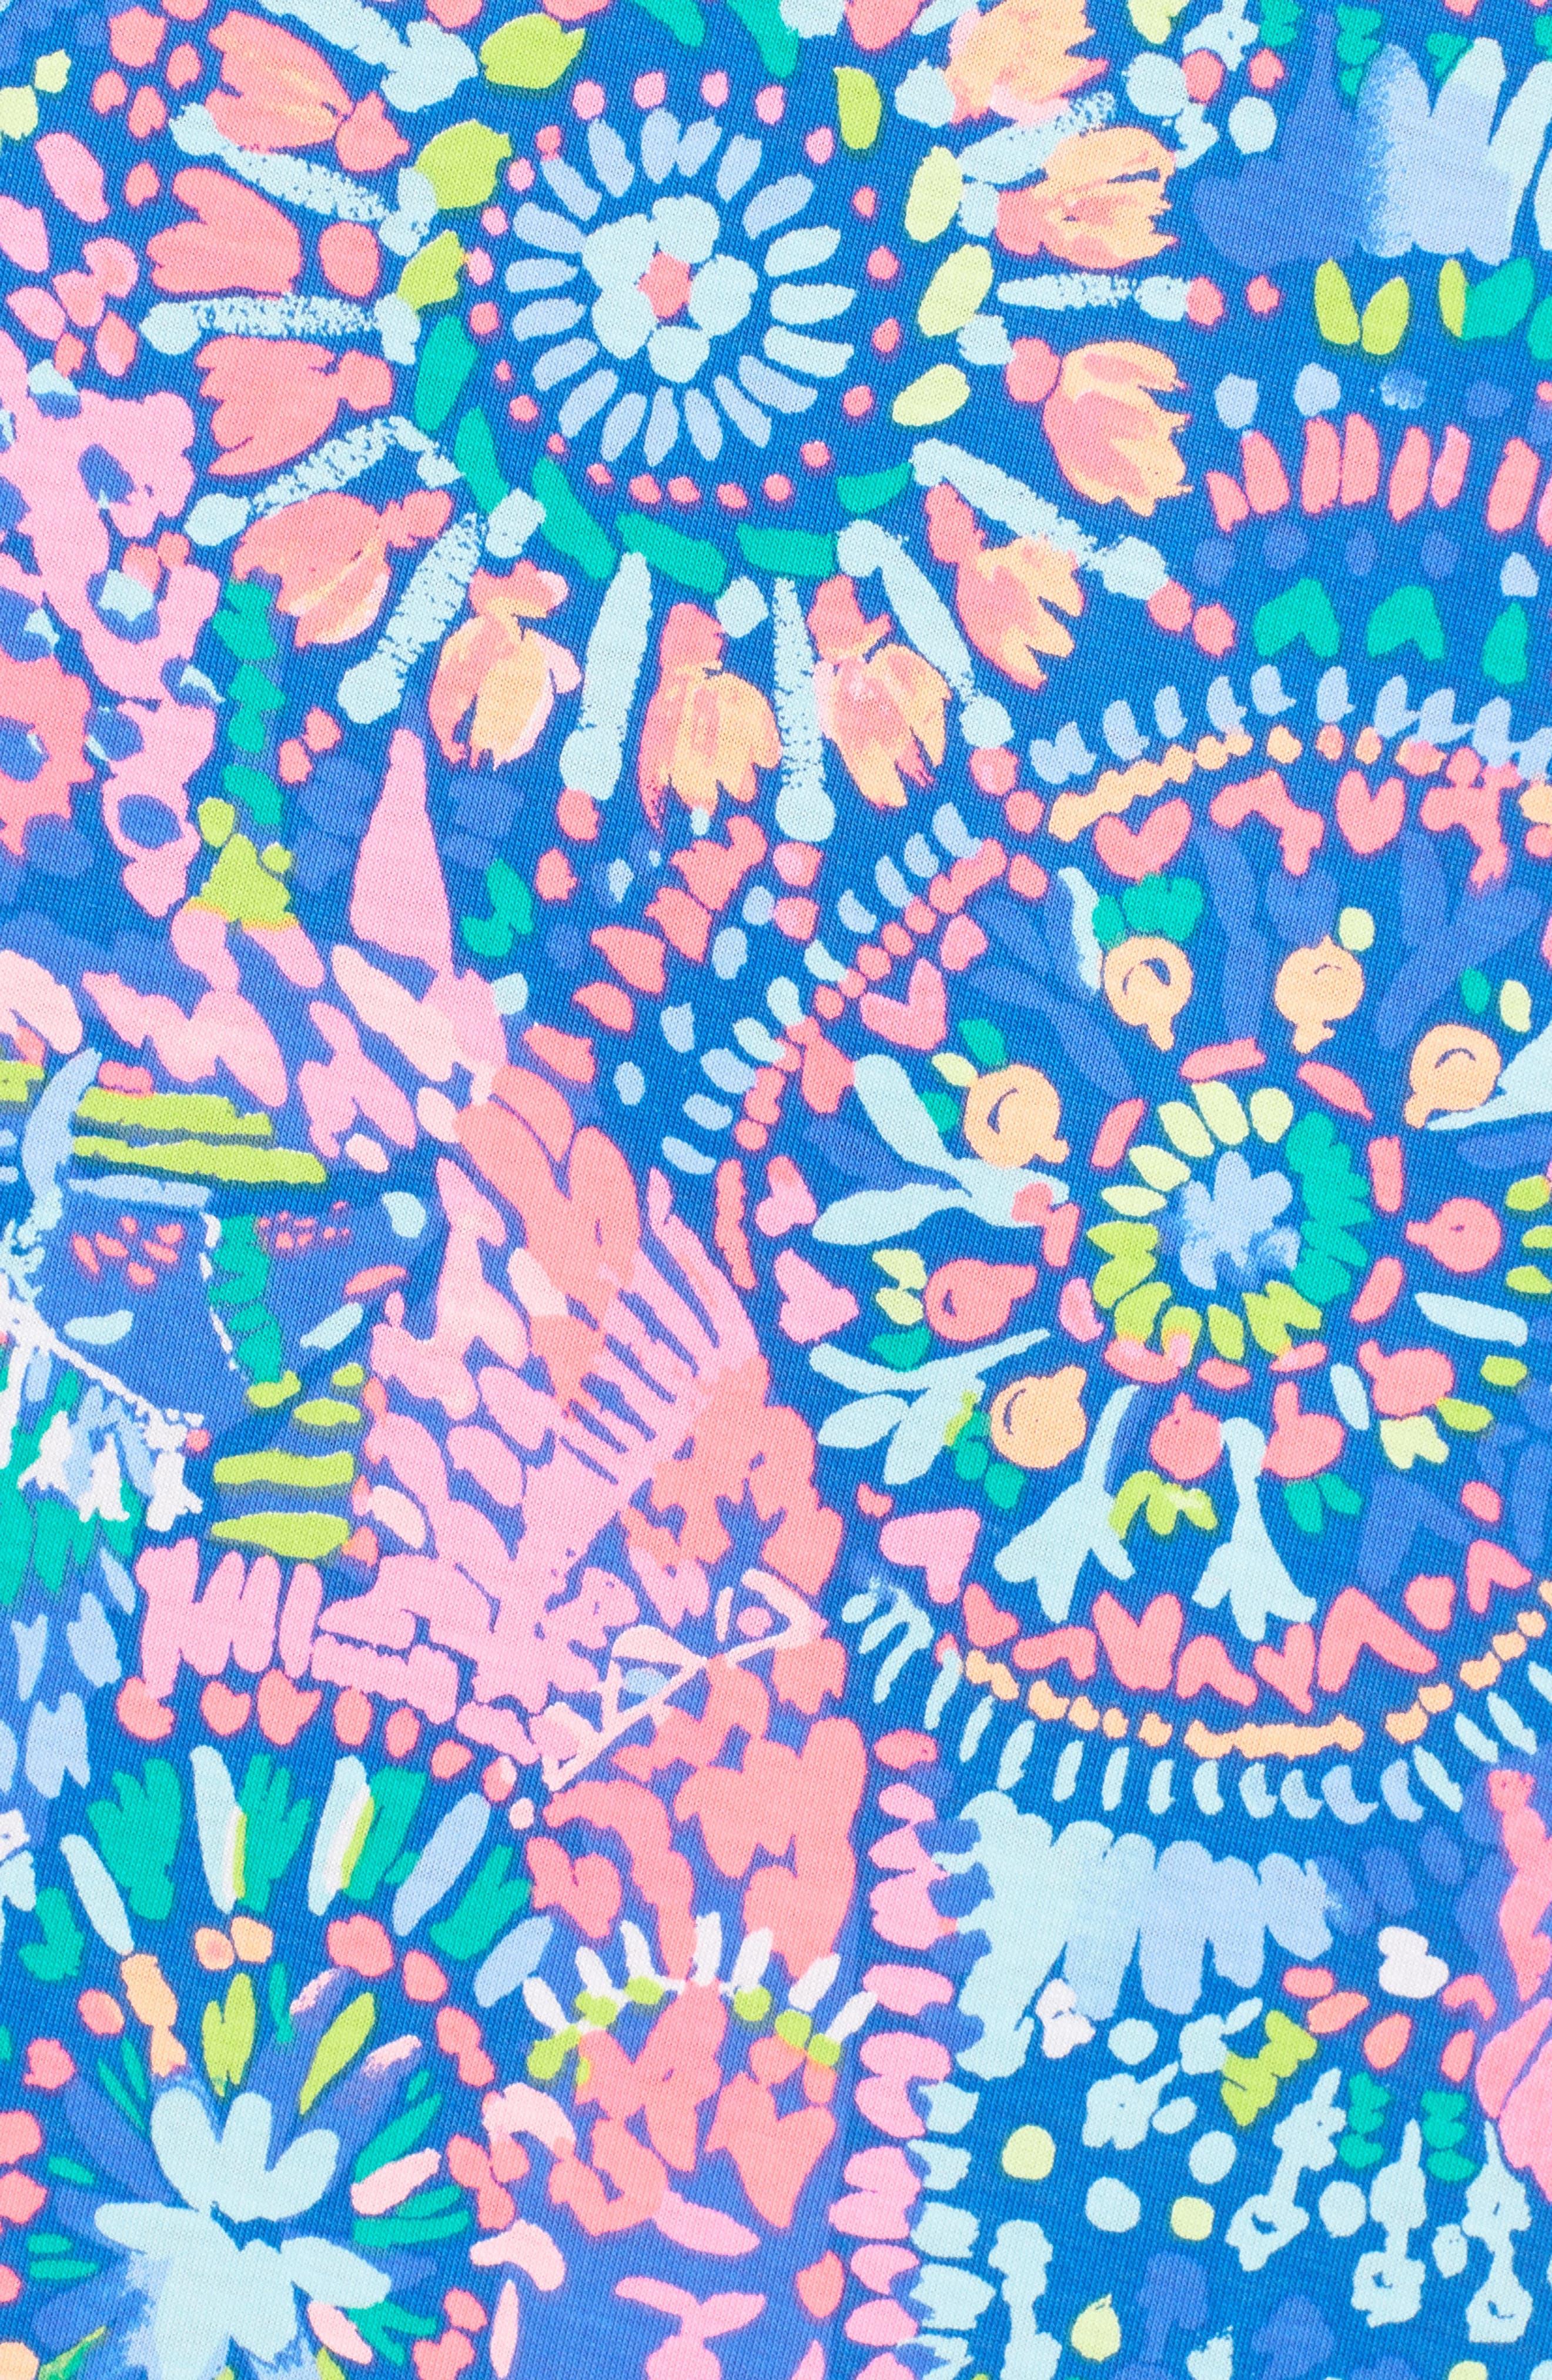 Kerri Maxi Dress,                             Alternate thumbnail 5, color,                             Multi Llama